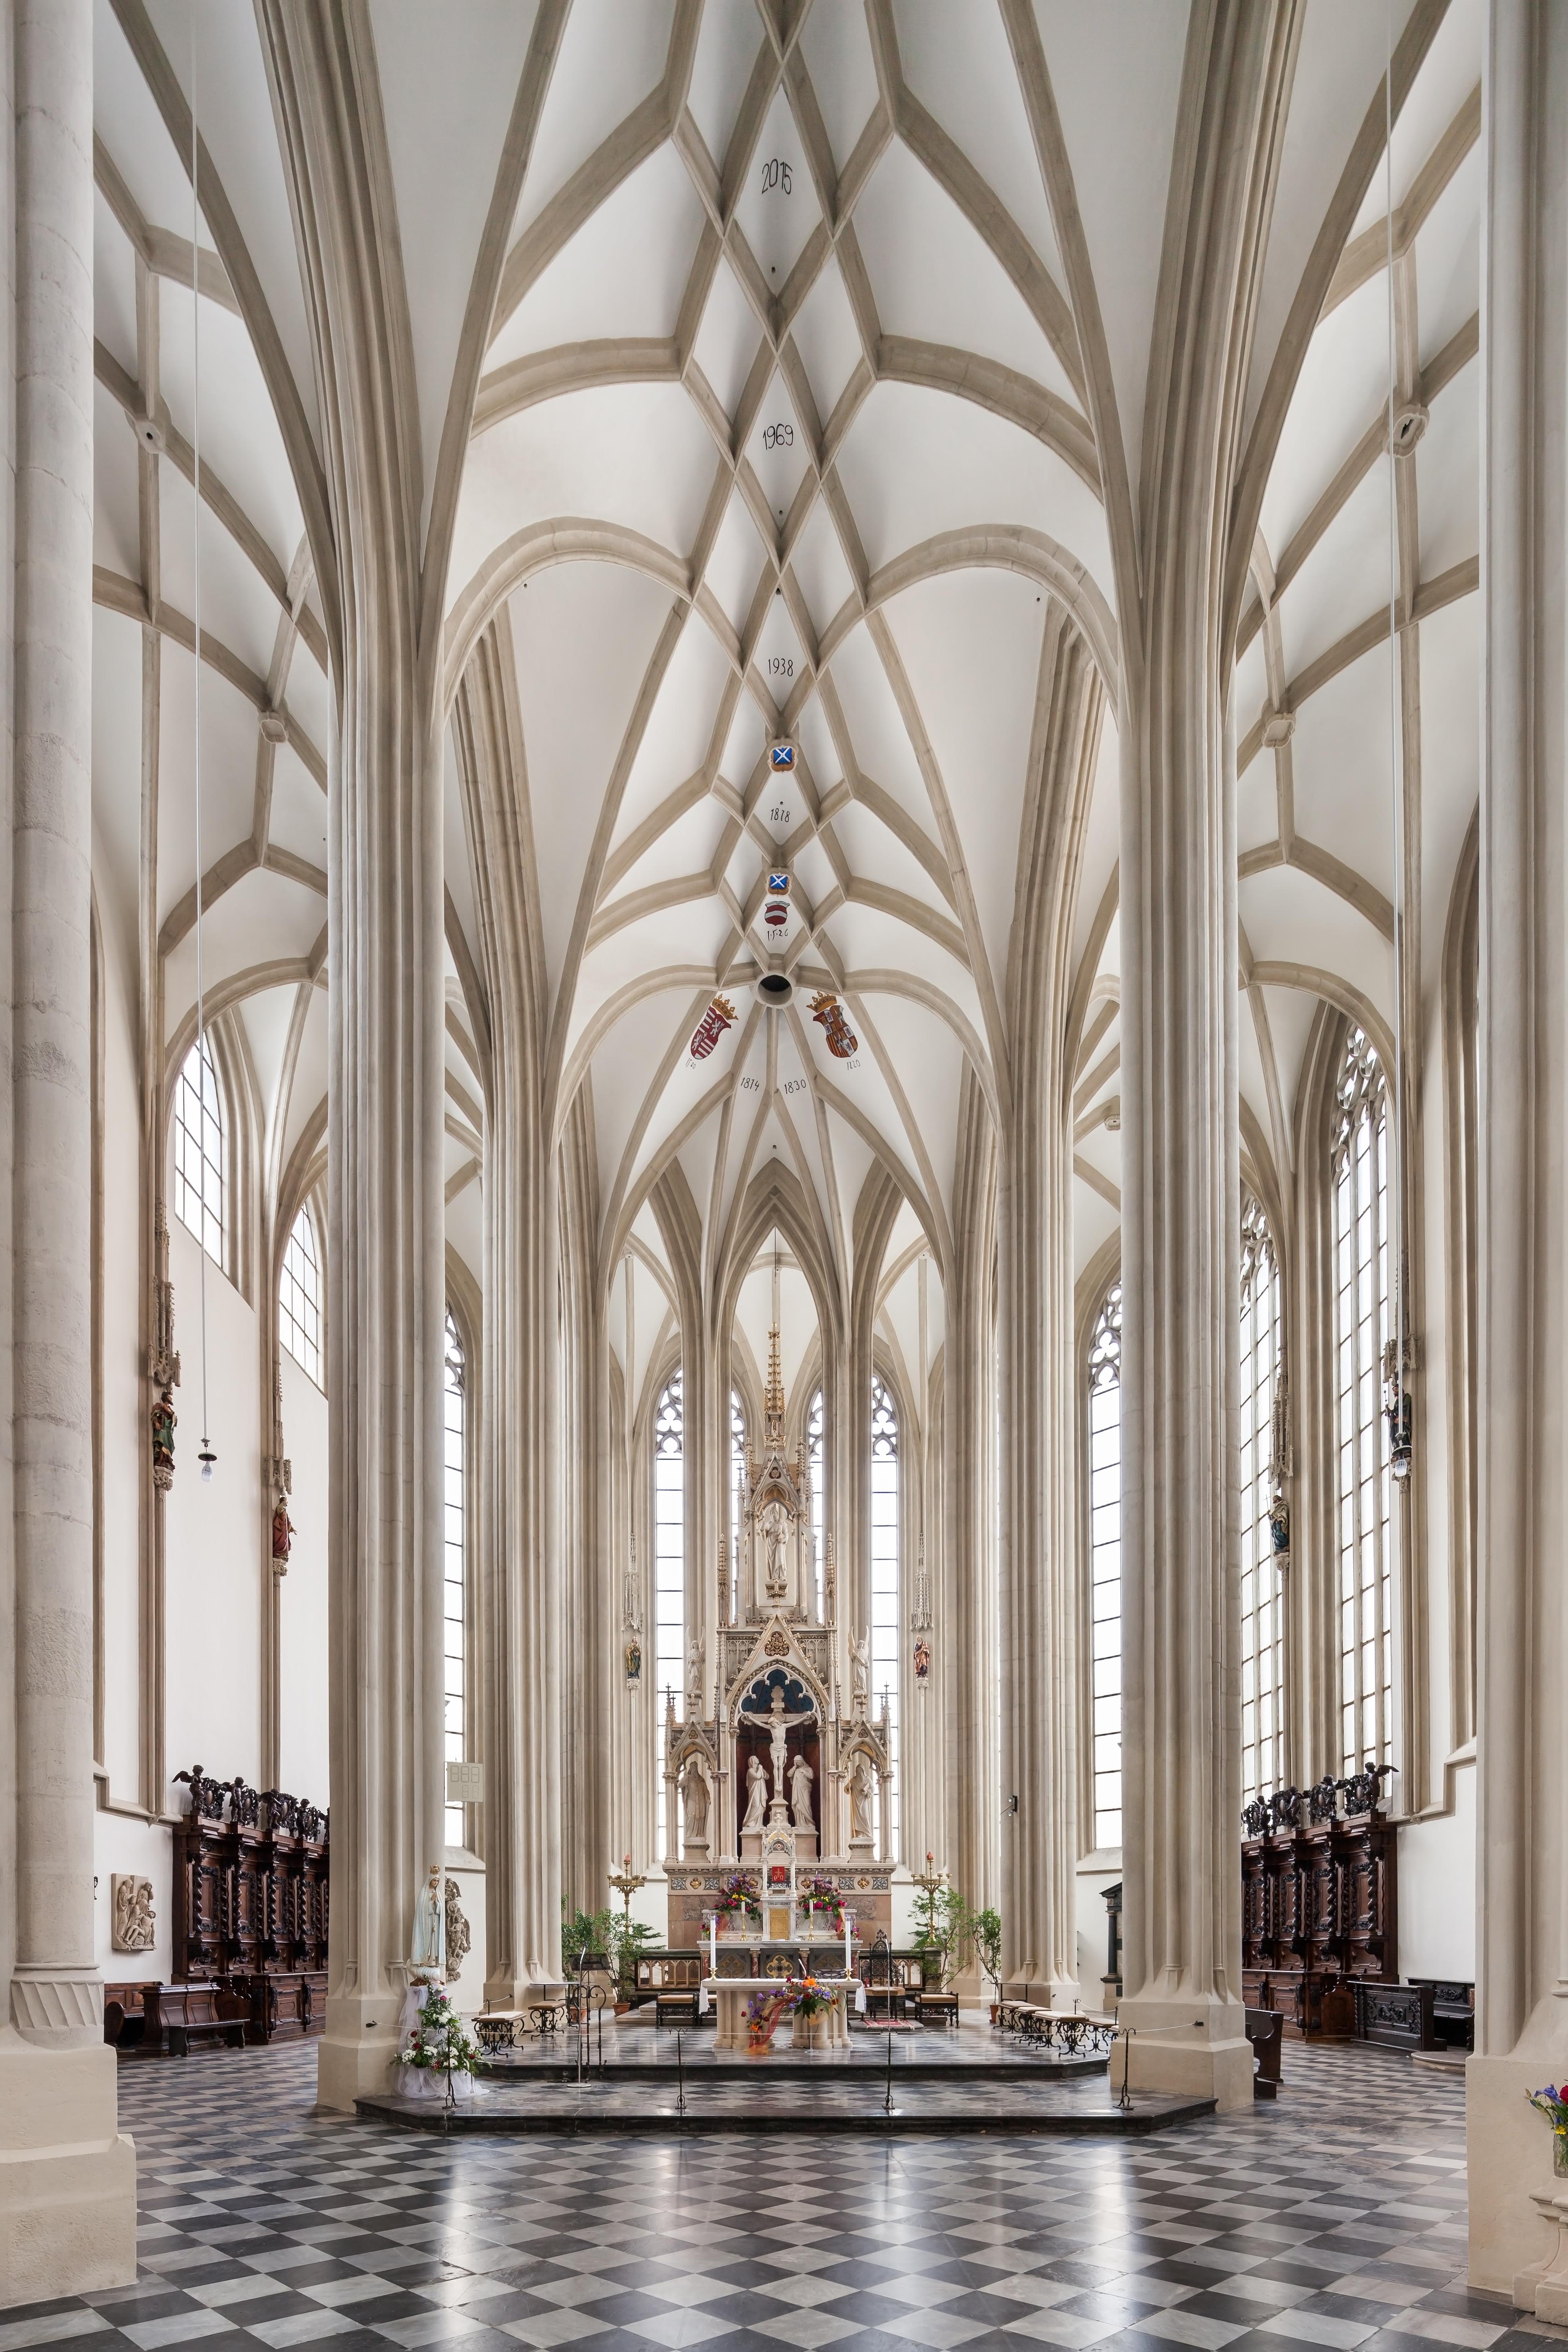 Church of St James (Kostel sv. Jakuba) in Brno